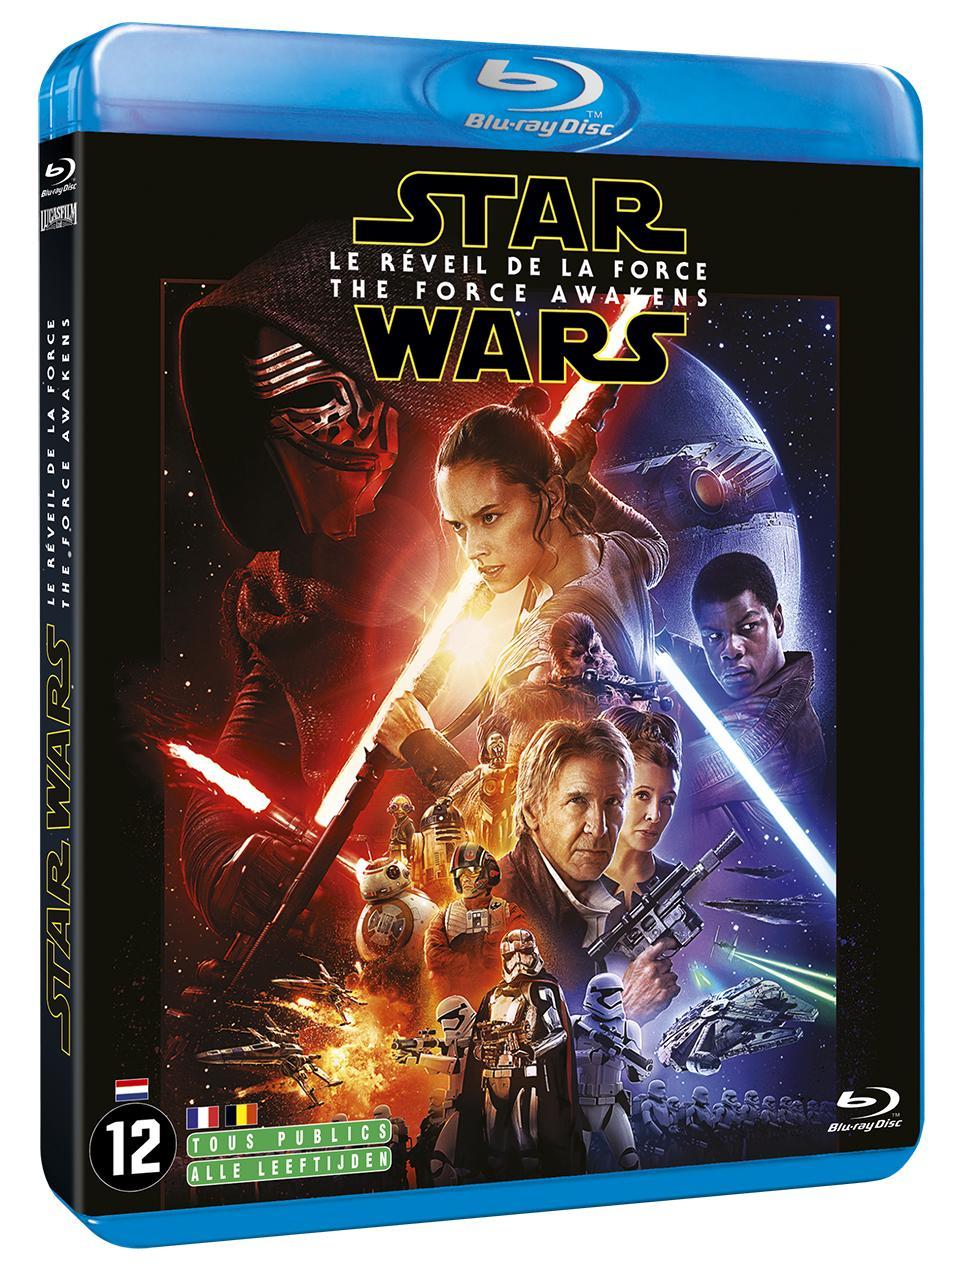 DVD Star Wars VII : Le Réveil de la Force à 10€ ou Blu-ray (via 5€ sur la carte)